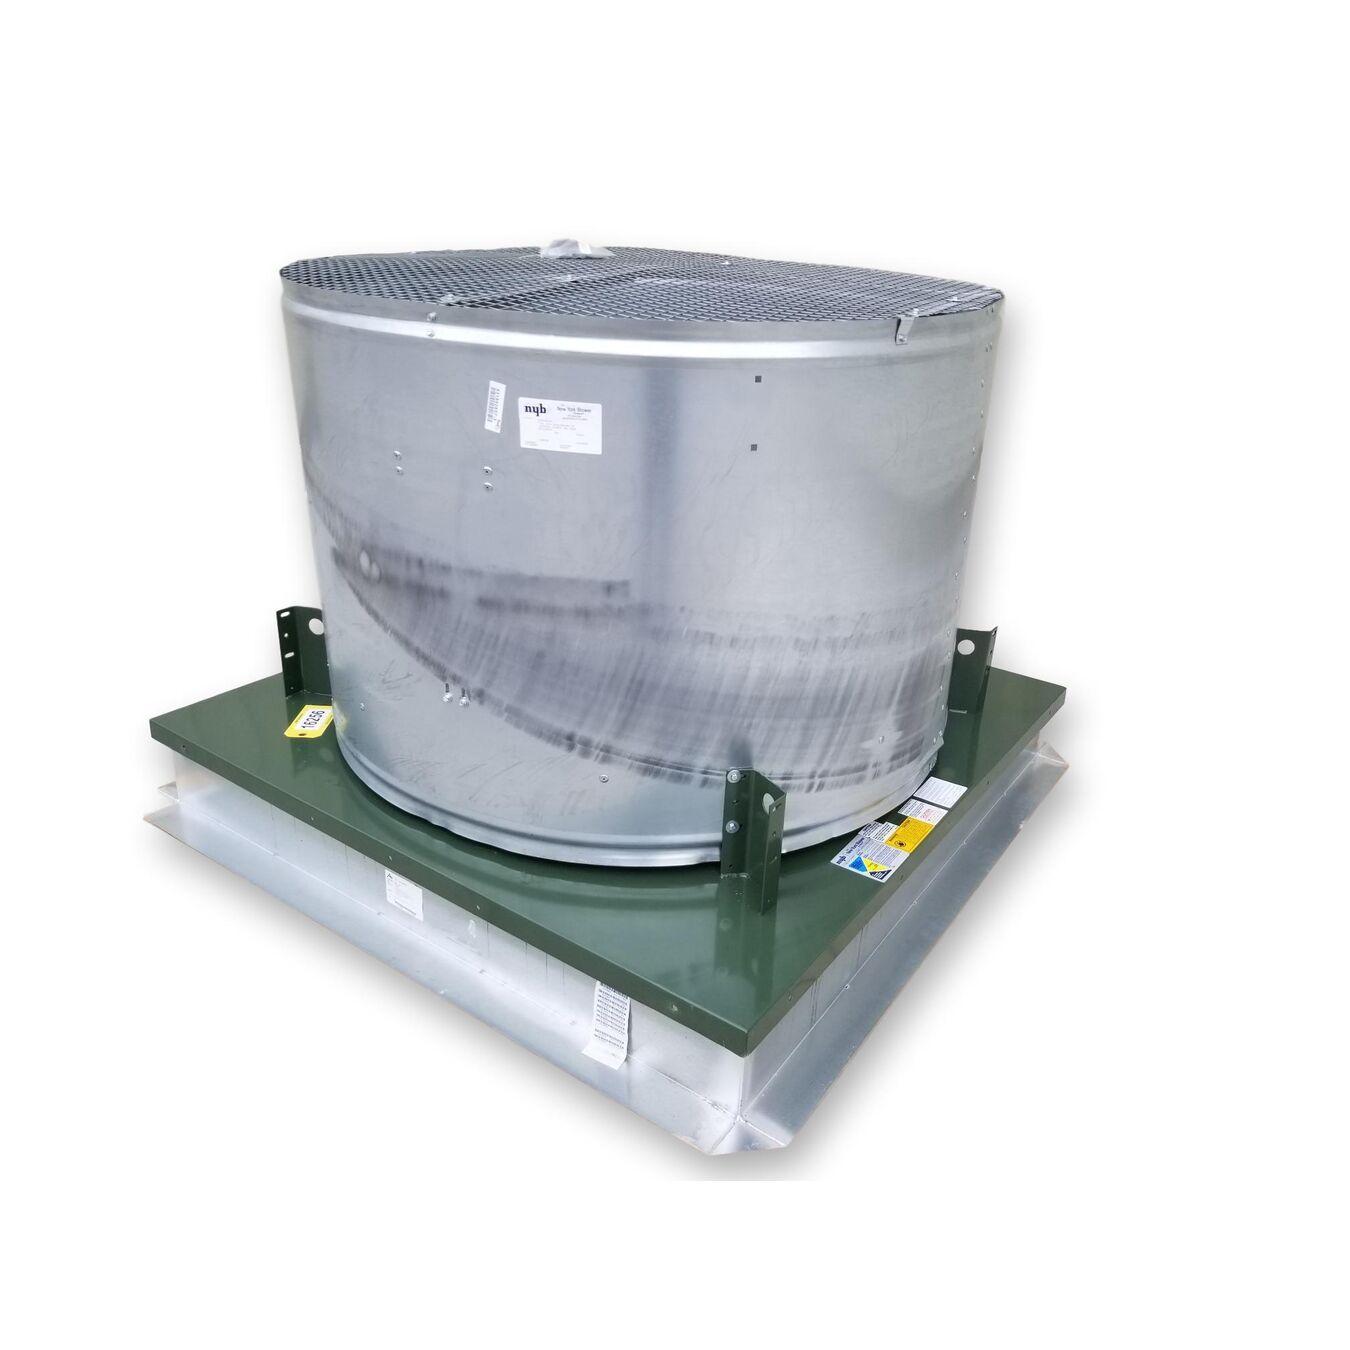 23 678 Cfm 0 25 In Wg New York Blower Roof Mounted Fan